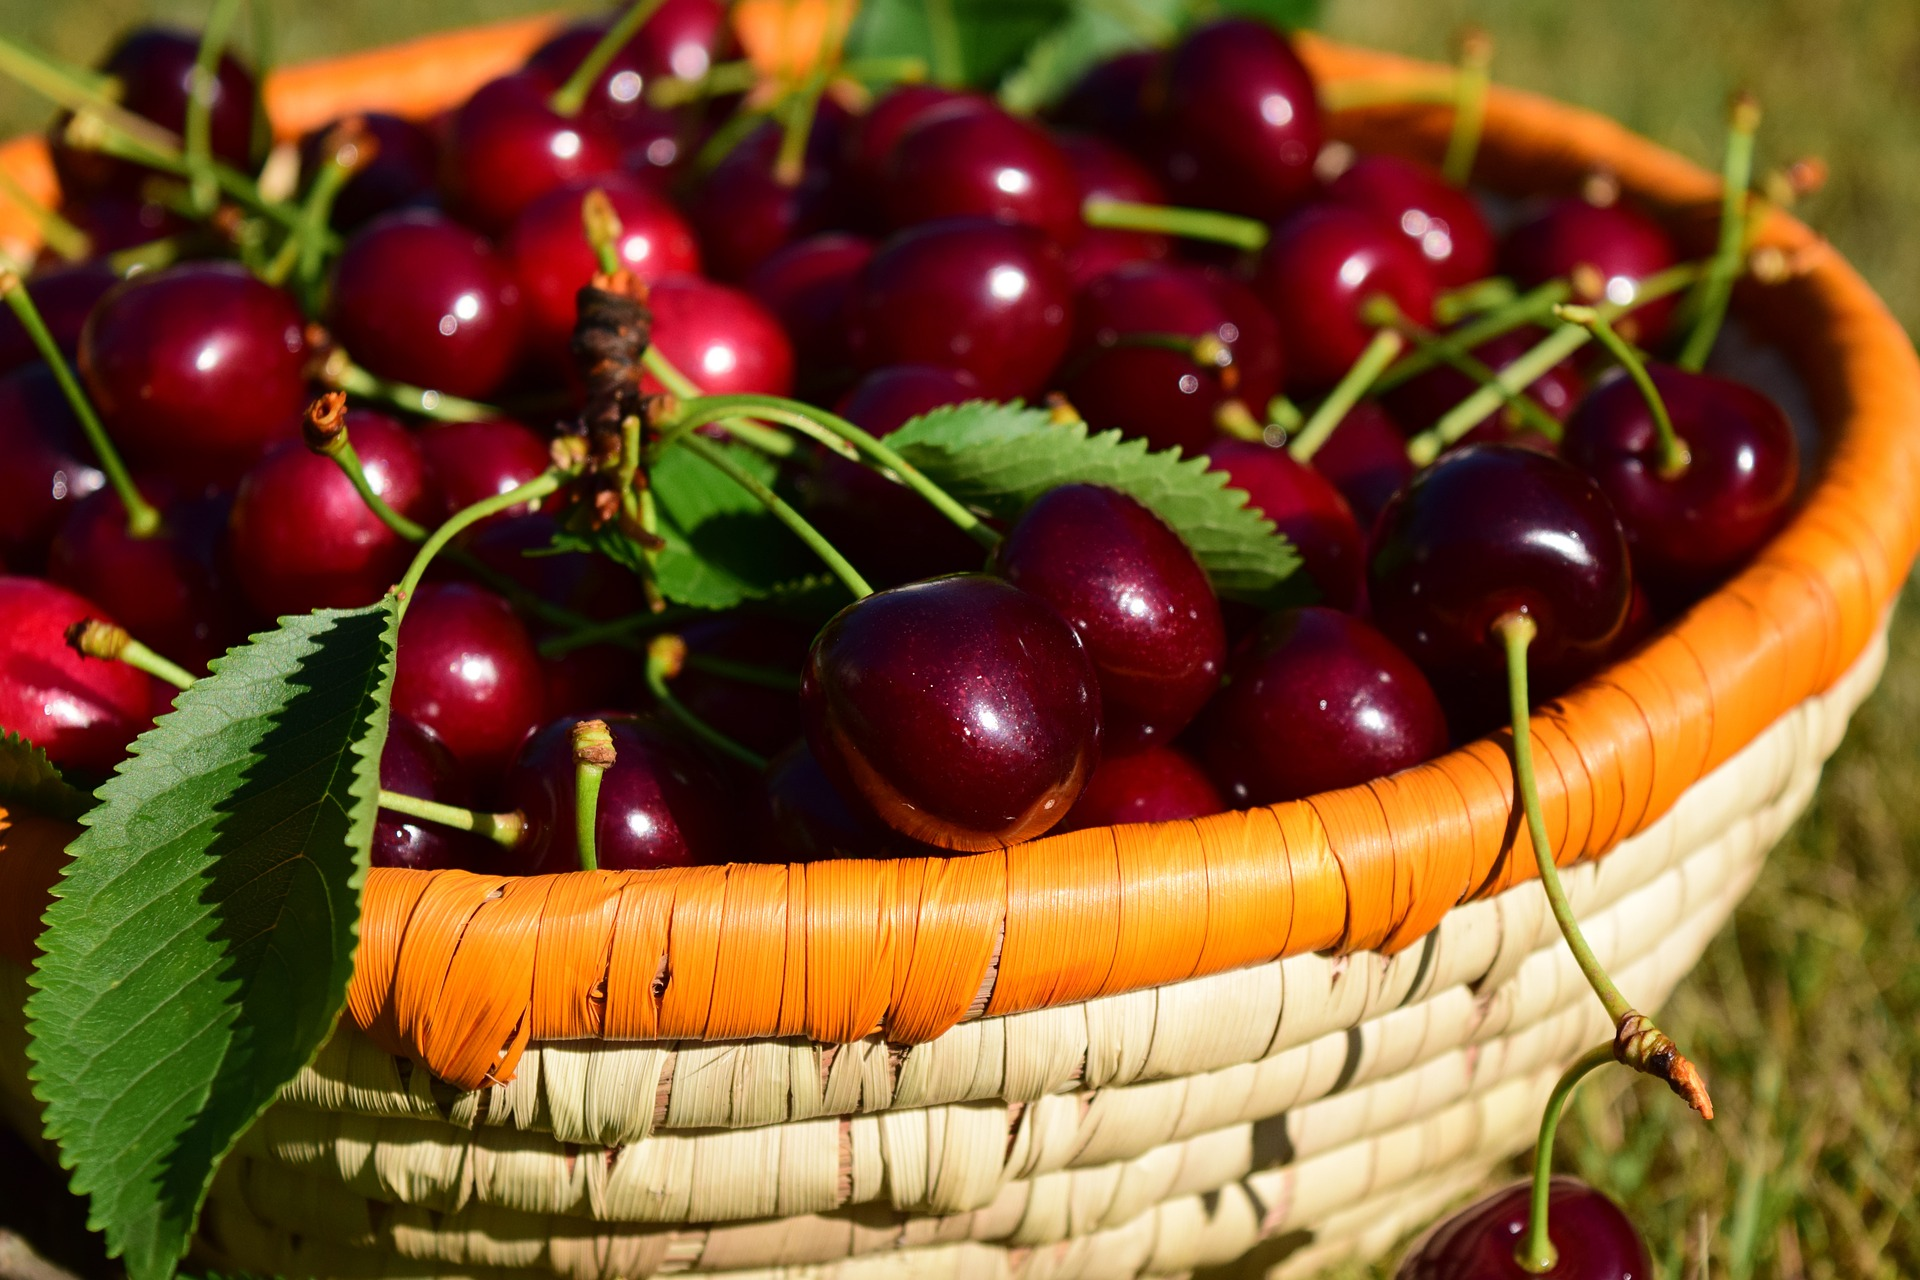 cherries-1509127_1920